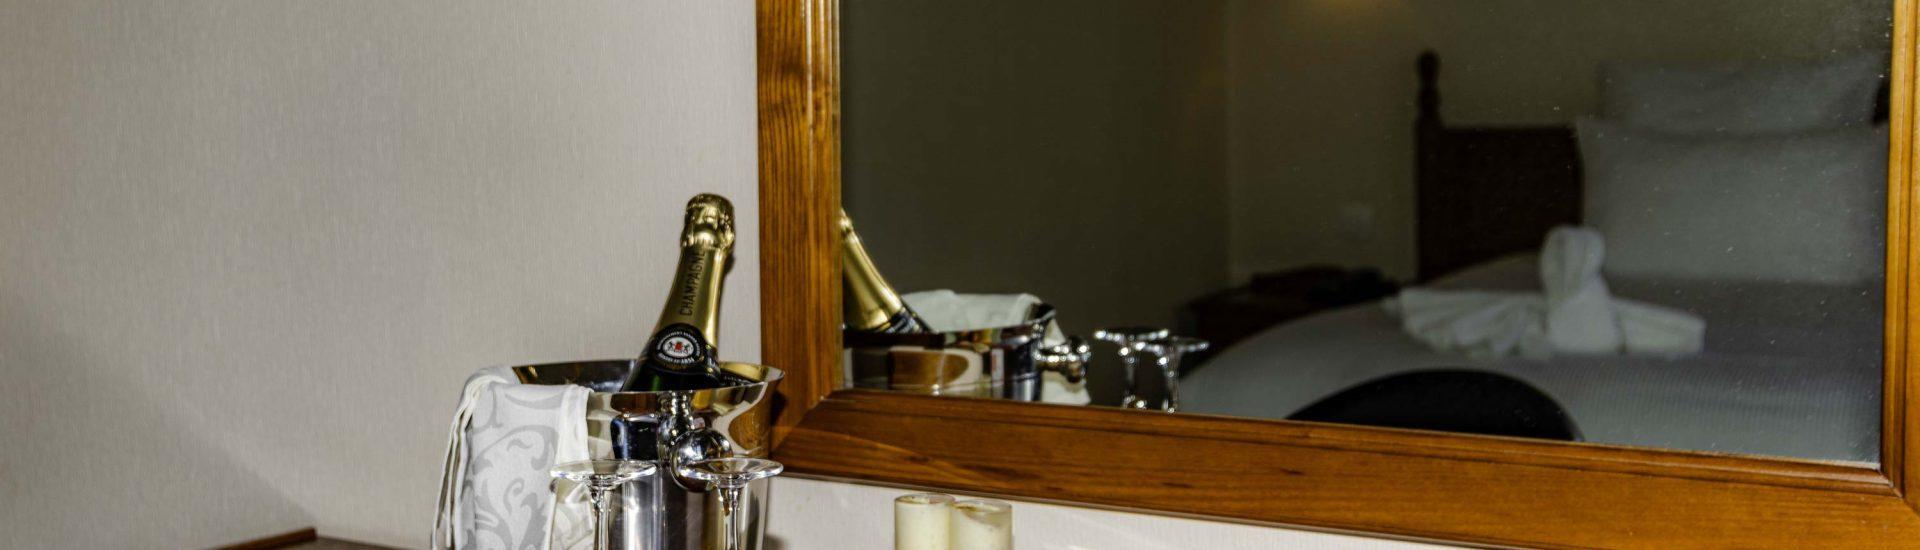 Chambre Confort. Séjour Champagne et douceur, Saint Gatien des Bois, Deauville, Honfleur